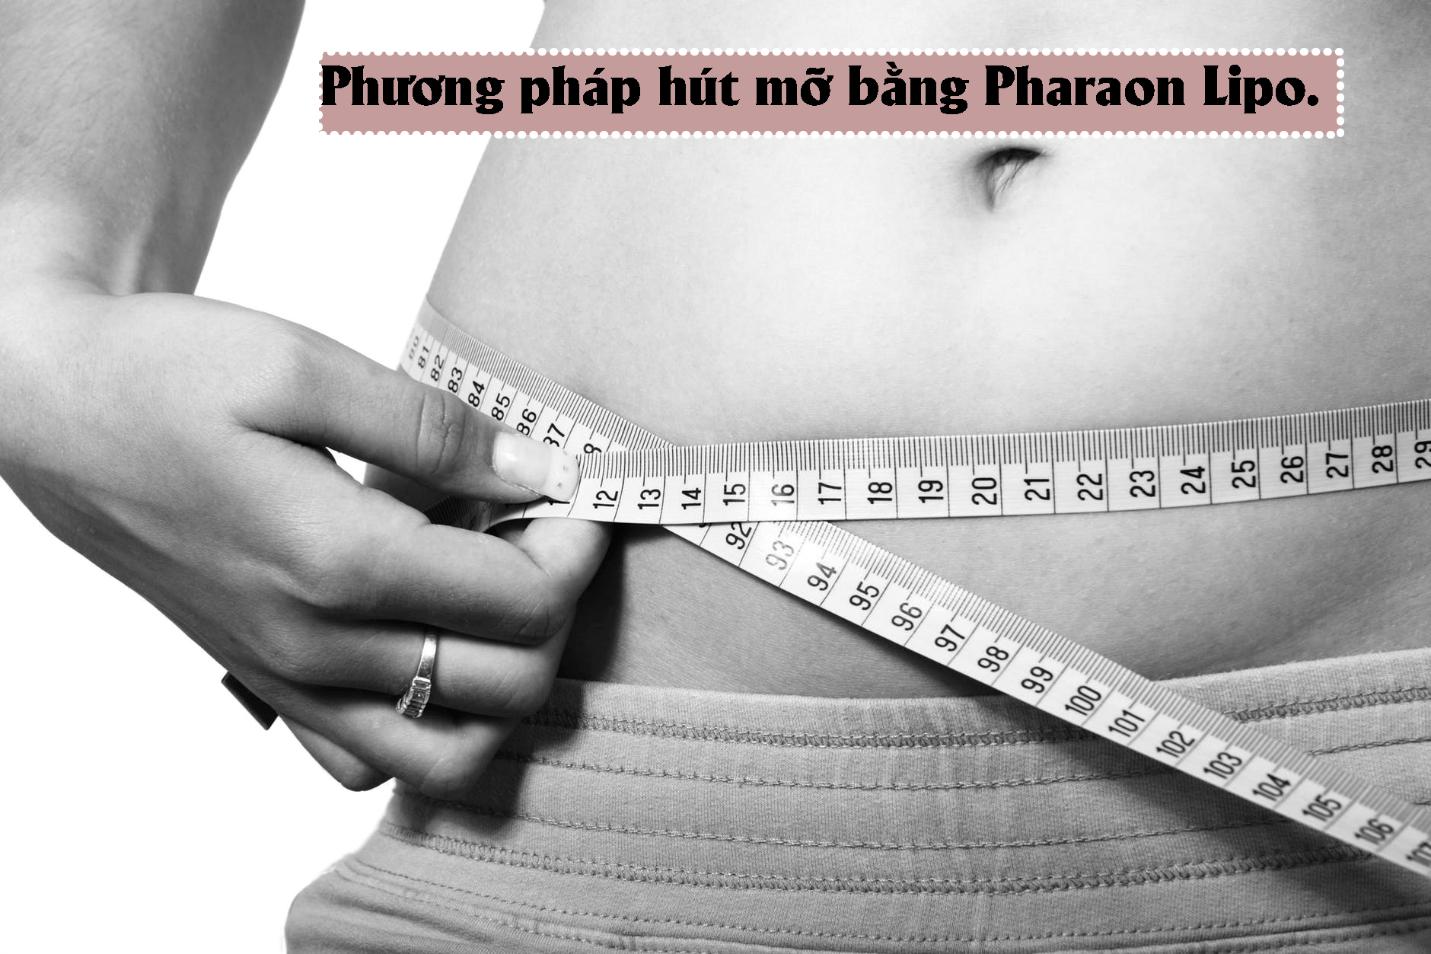 Phương pháp hút mỡ bằng Pharaon Lipo.